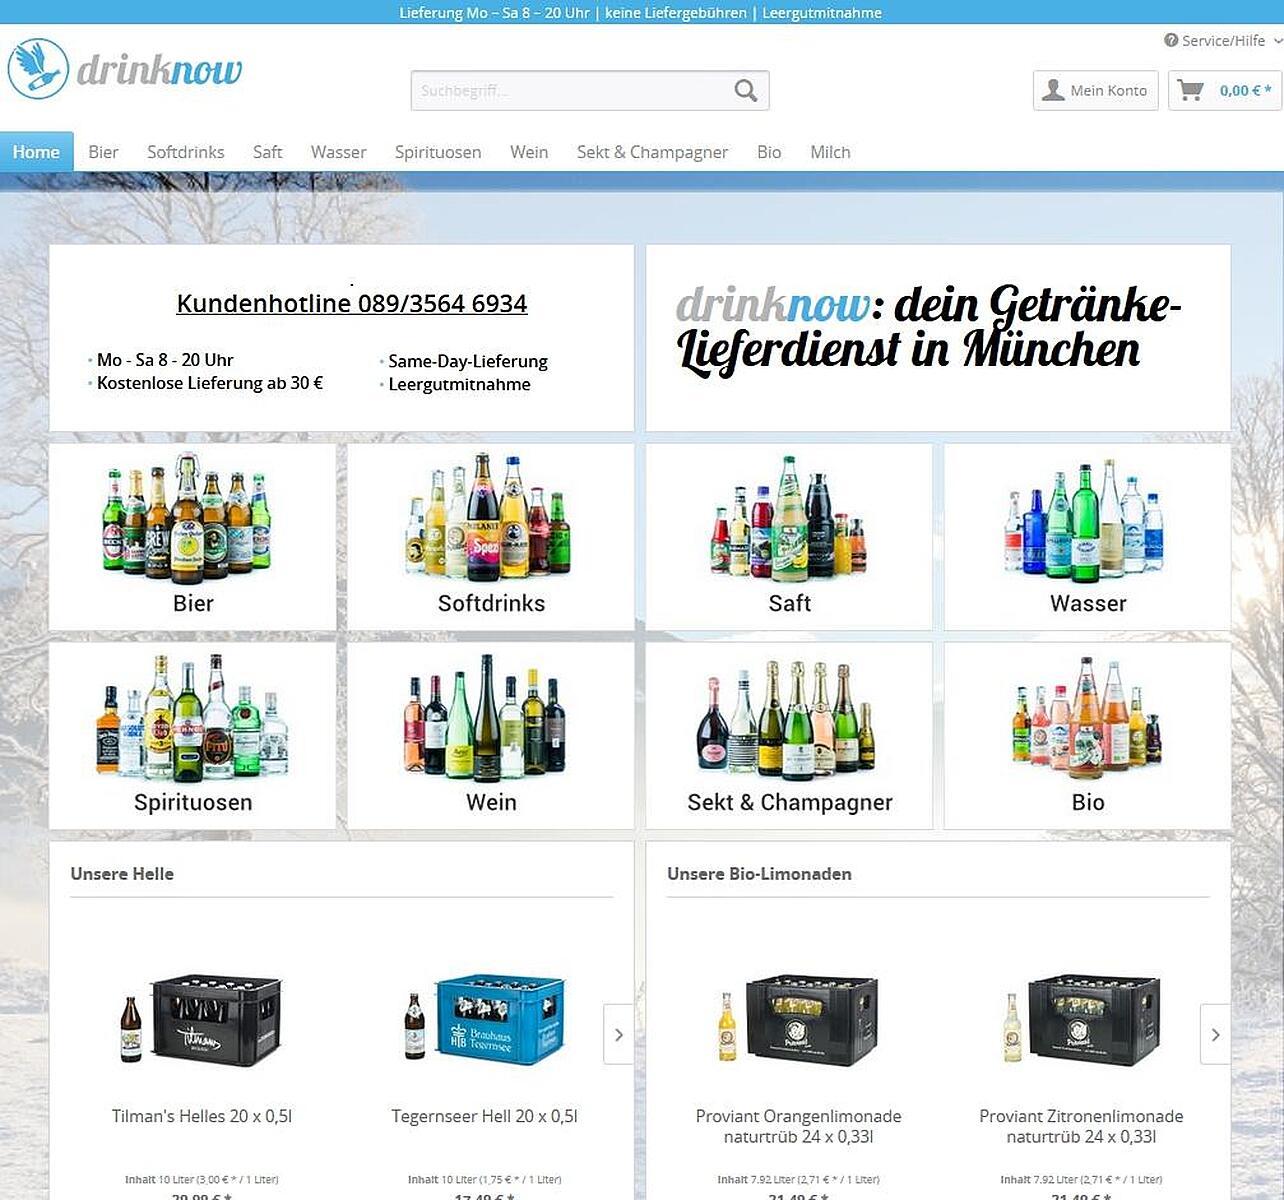 Getränkelieferdienst - drinknow, Theresienstr., Maxvorstadt, München ...